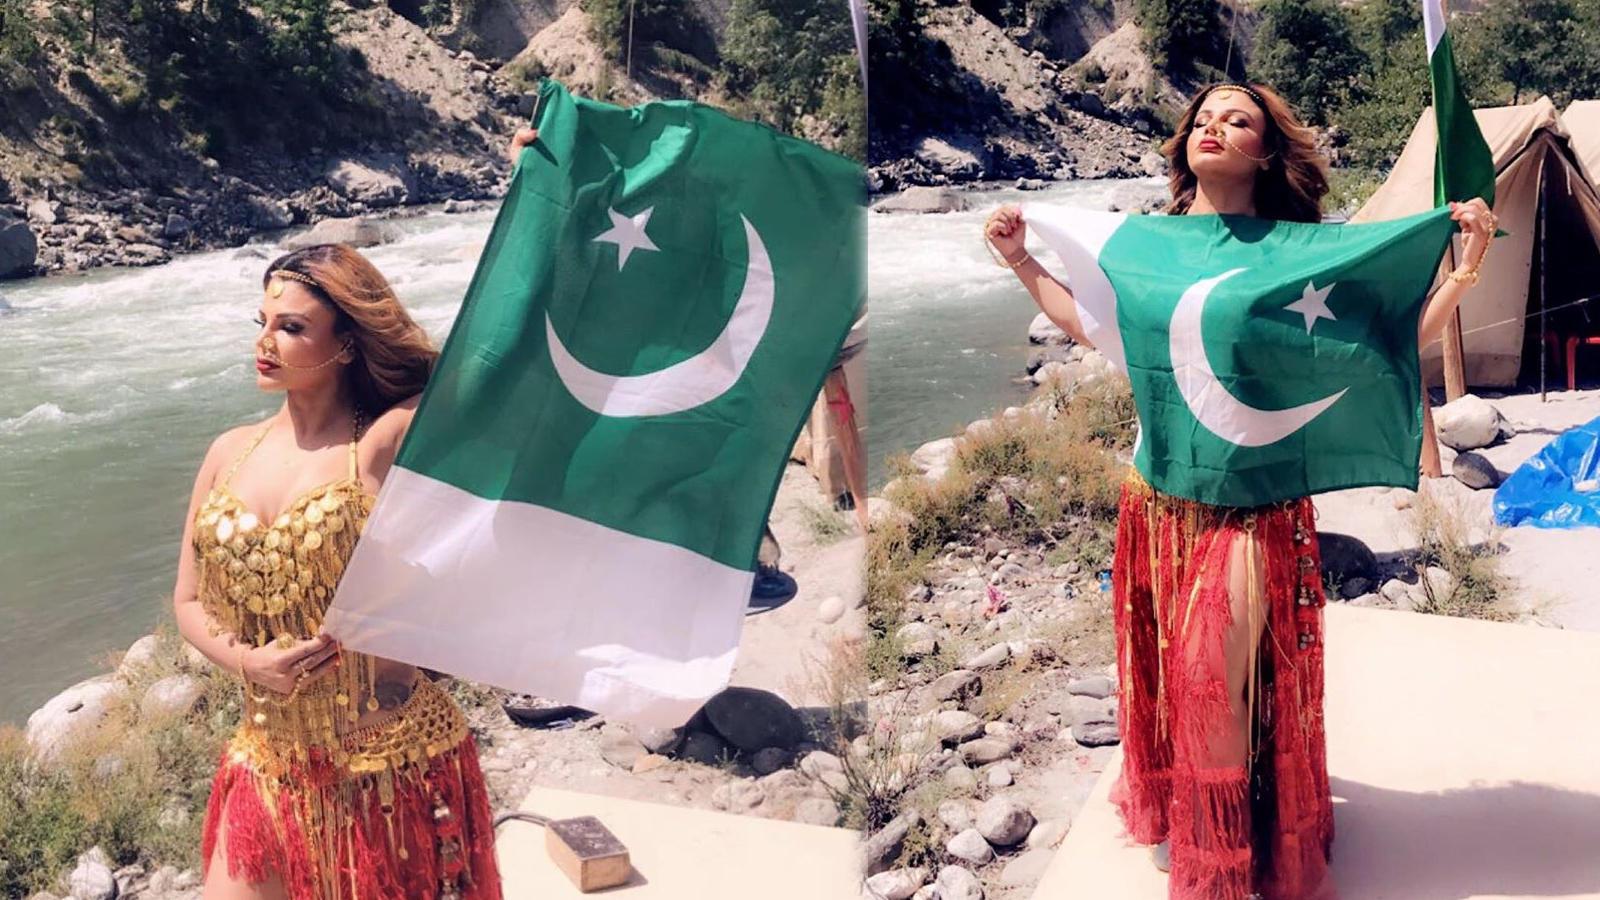 Rakhi Sawant poses with Pakistani flag, fans upset